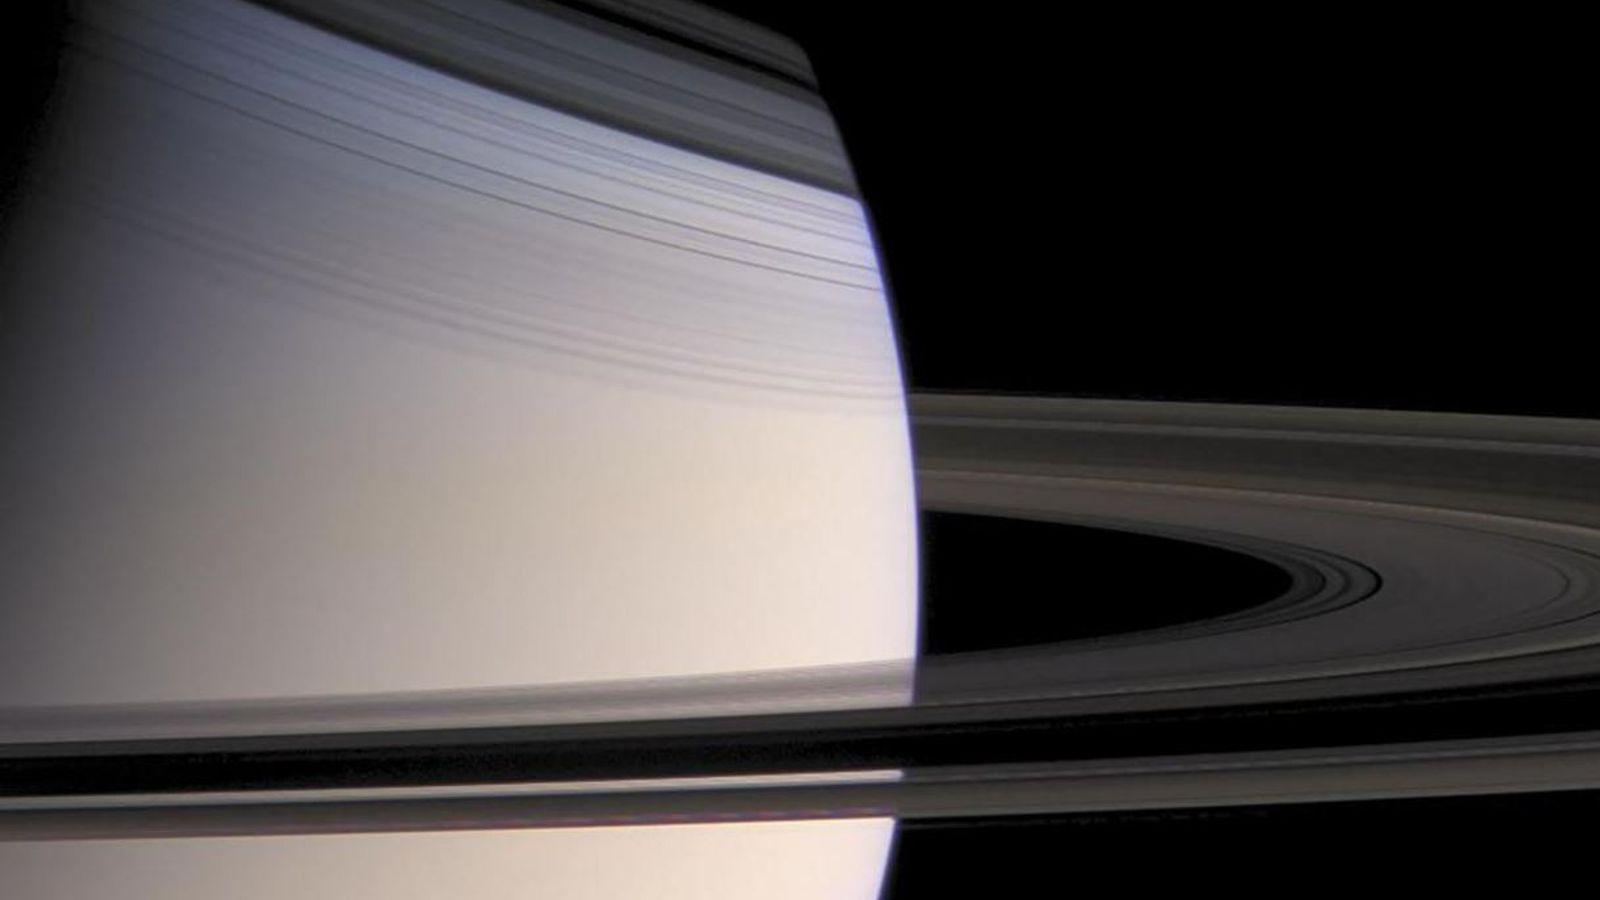 Image de Cassini montrant l'ombre portée des anneaux sur Saturne.